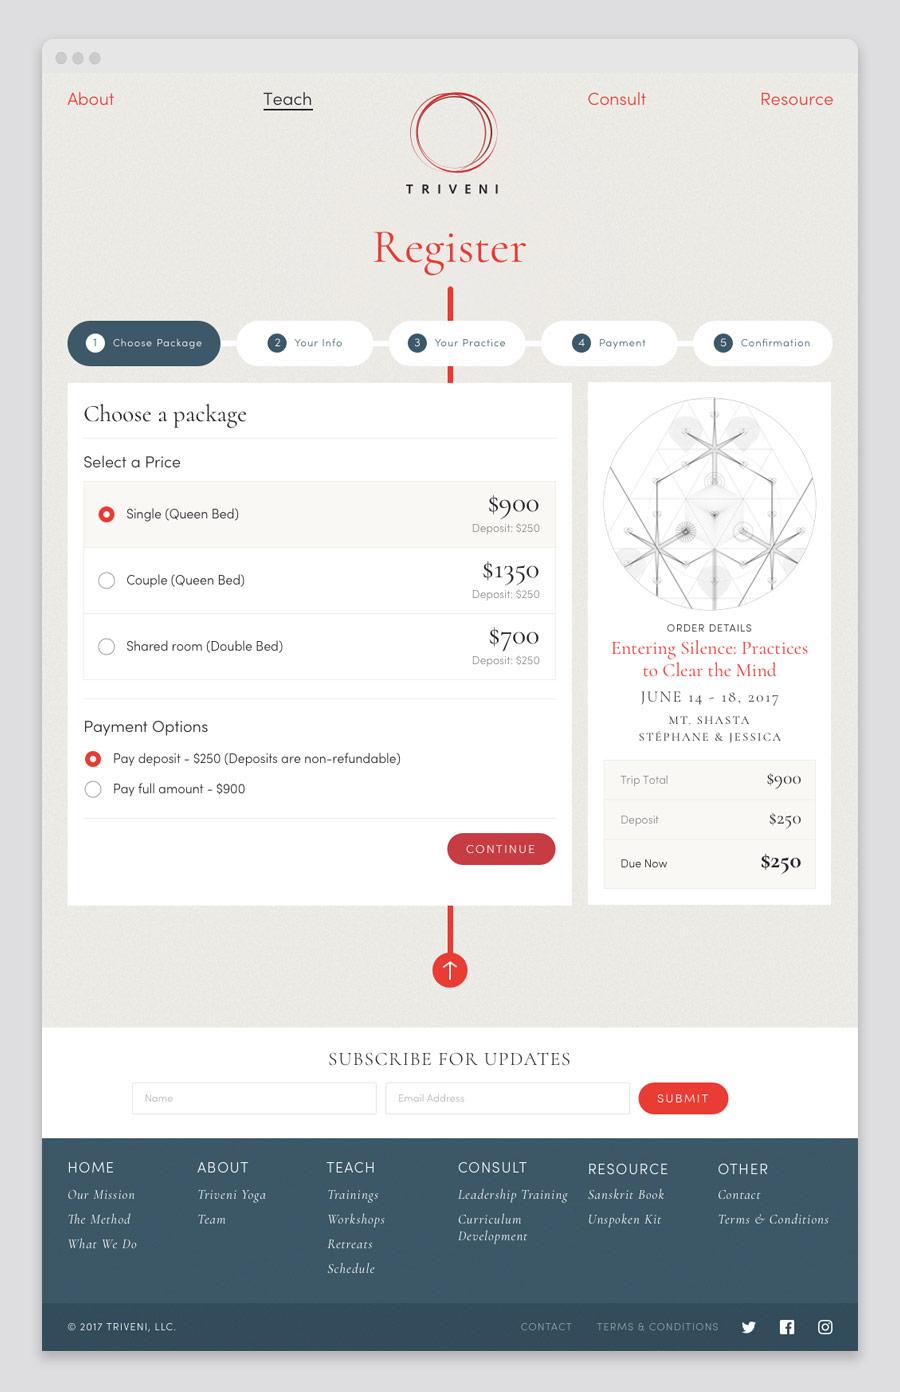 UME-Triveni-Web-Register.jpg